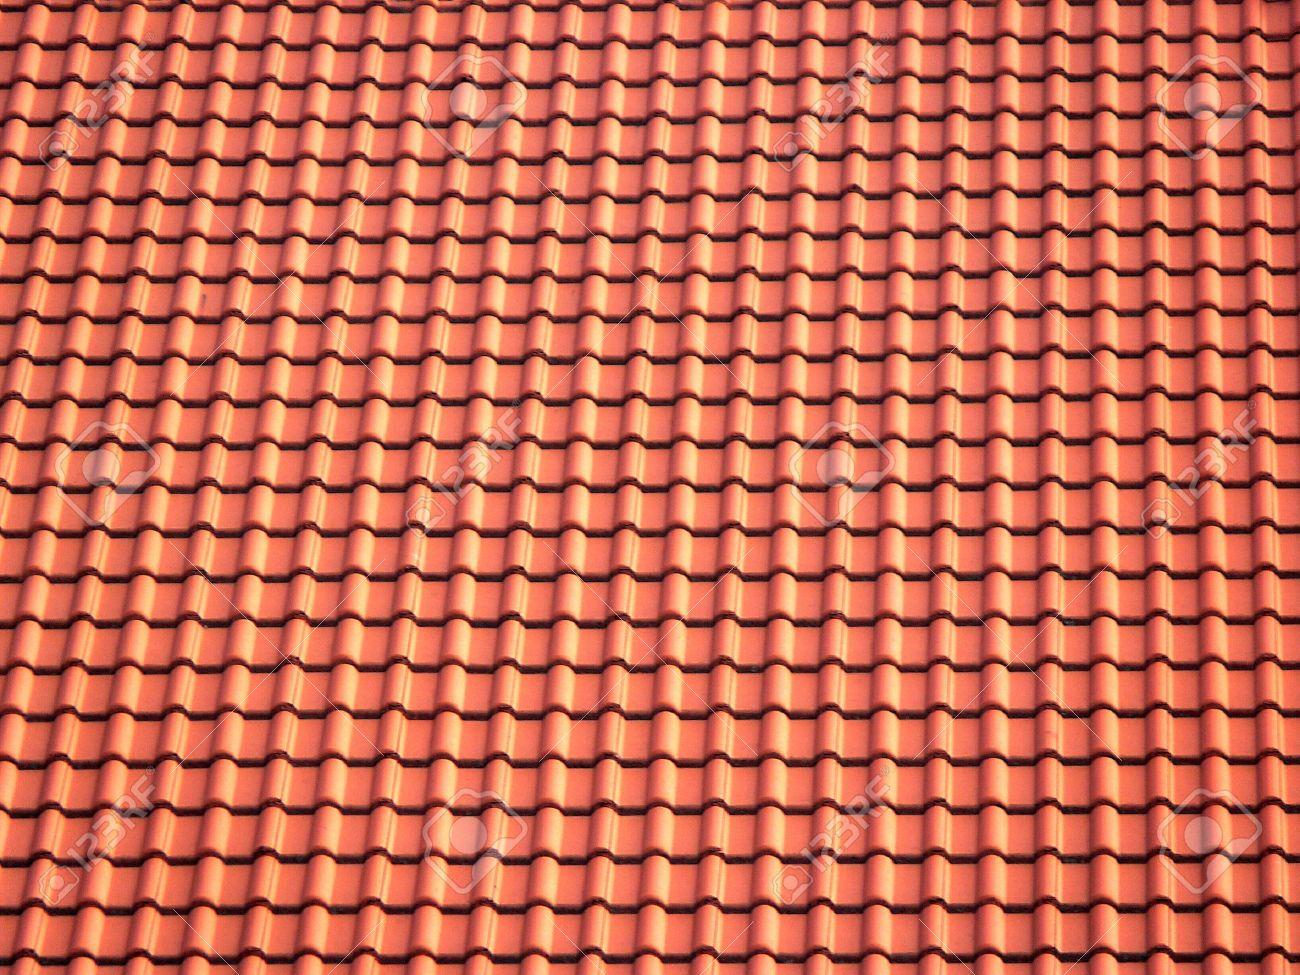 Texture De Carreaux De Ceramique Toiture Banque D Images Et Photos Libres De Droits Image 2902600